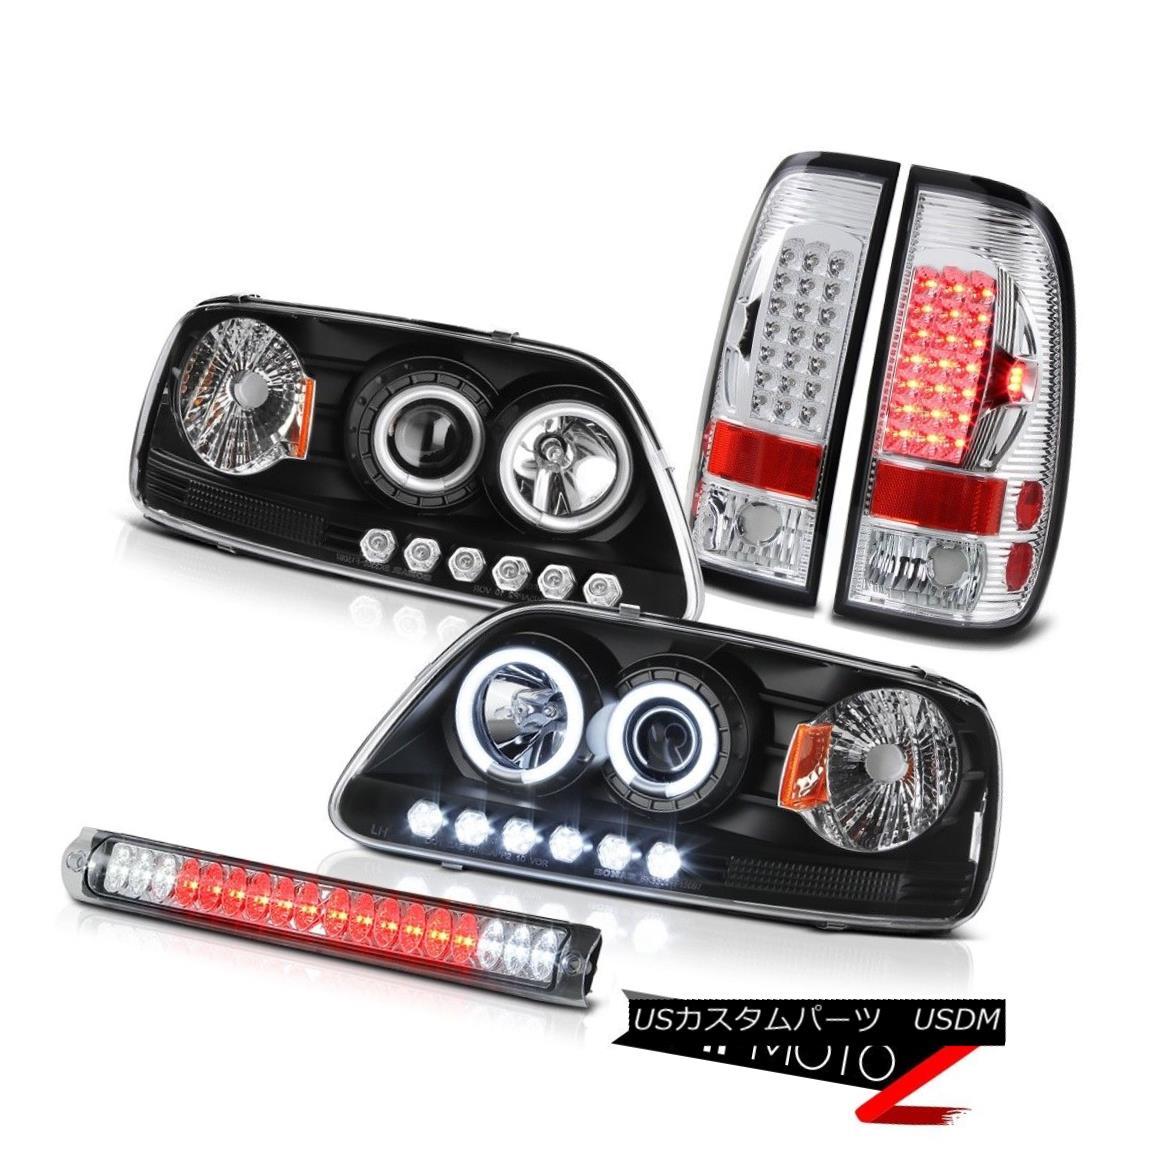 テールライト CCFL Angel Eye Headlight Brake Lamp Tail Light Third LED F150 SVT 2001 2002 2003 CCFLエンジェルアイヘッドライトブレーキランプテールライト第3 LED F150 SVT 2001 2002 2003